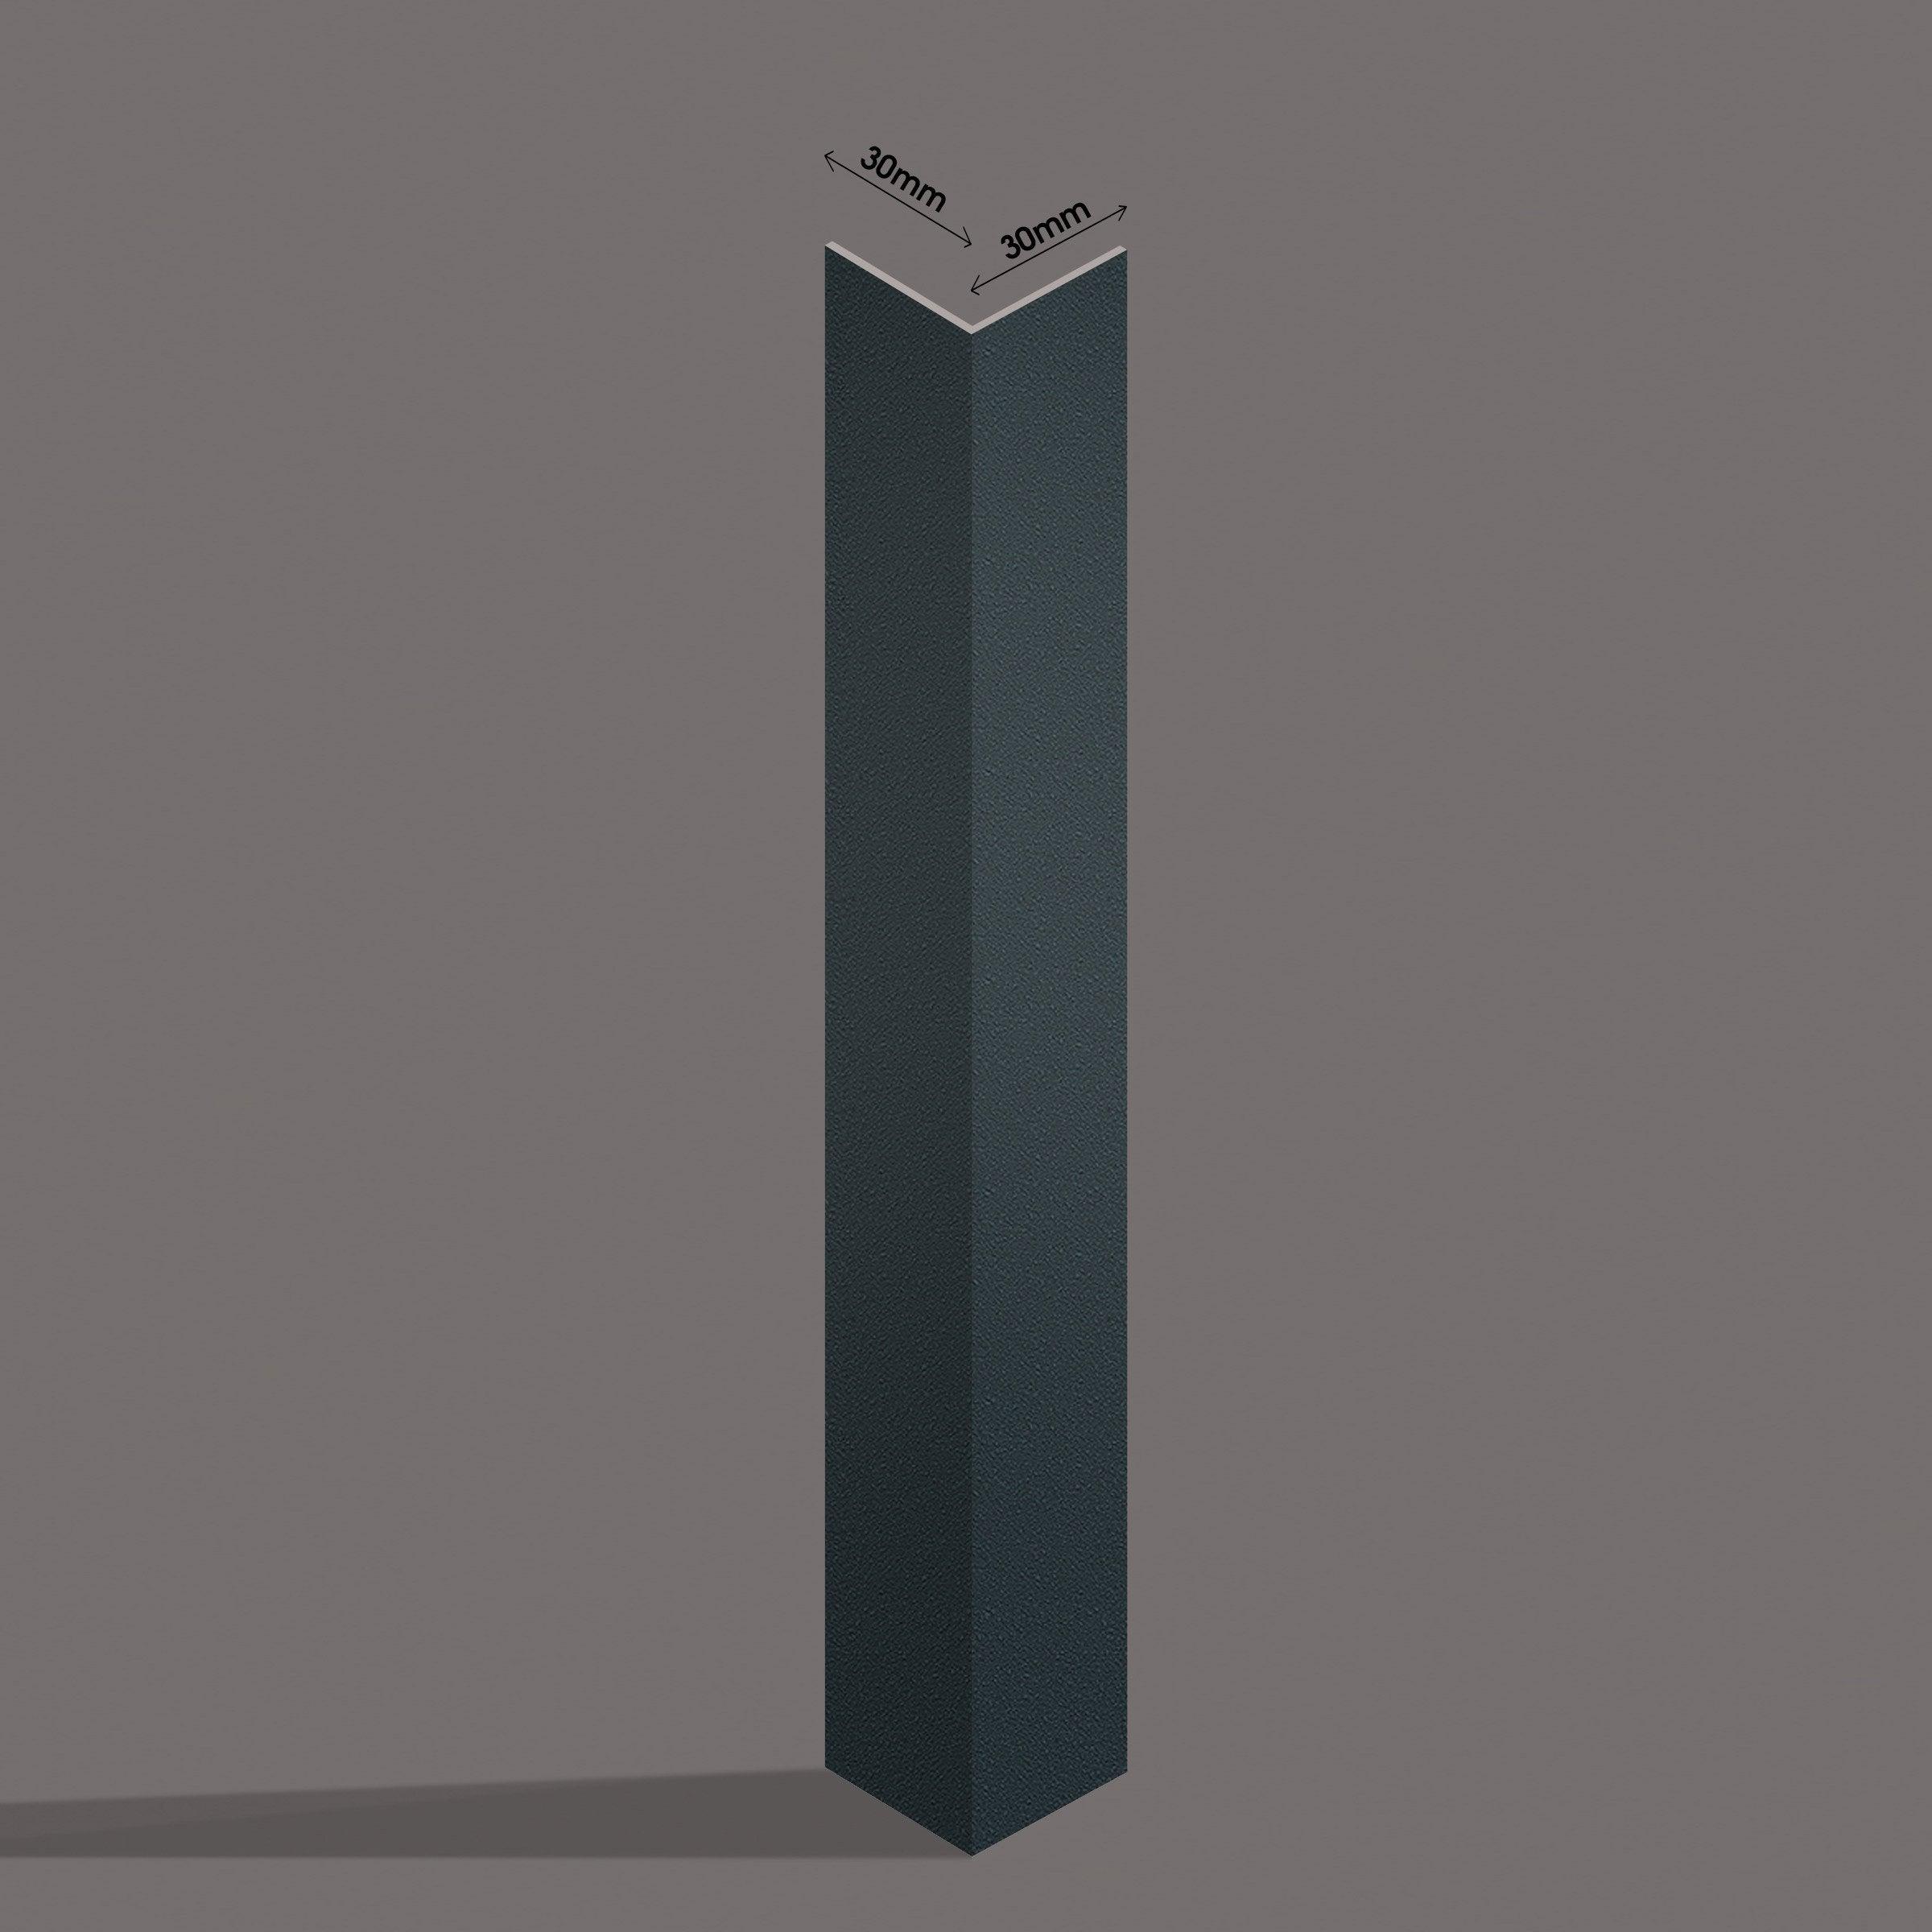 Espace Entre Porte Et Carrelage kit de finition pour porte d'entrée essentiel gris, h.220 x l.100 cm p.30 mm